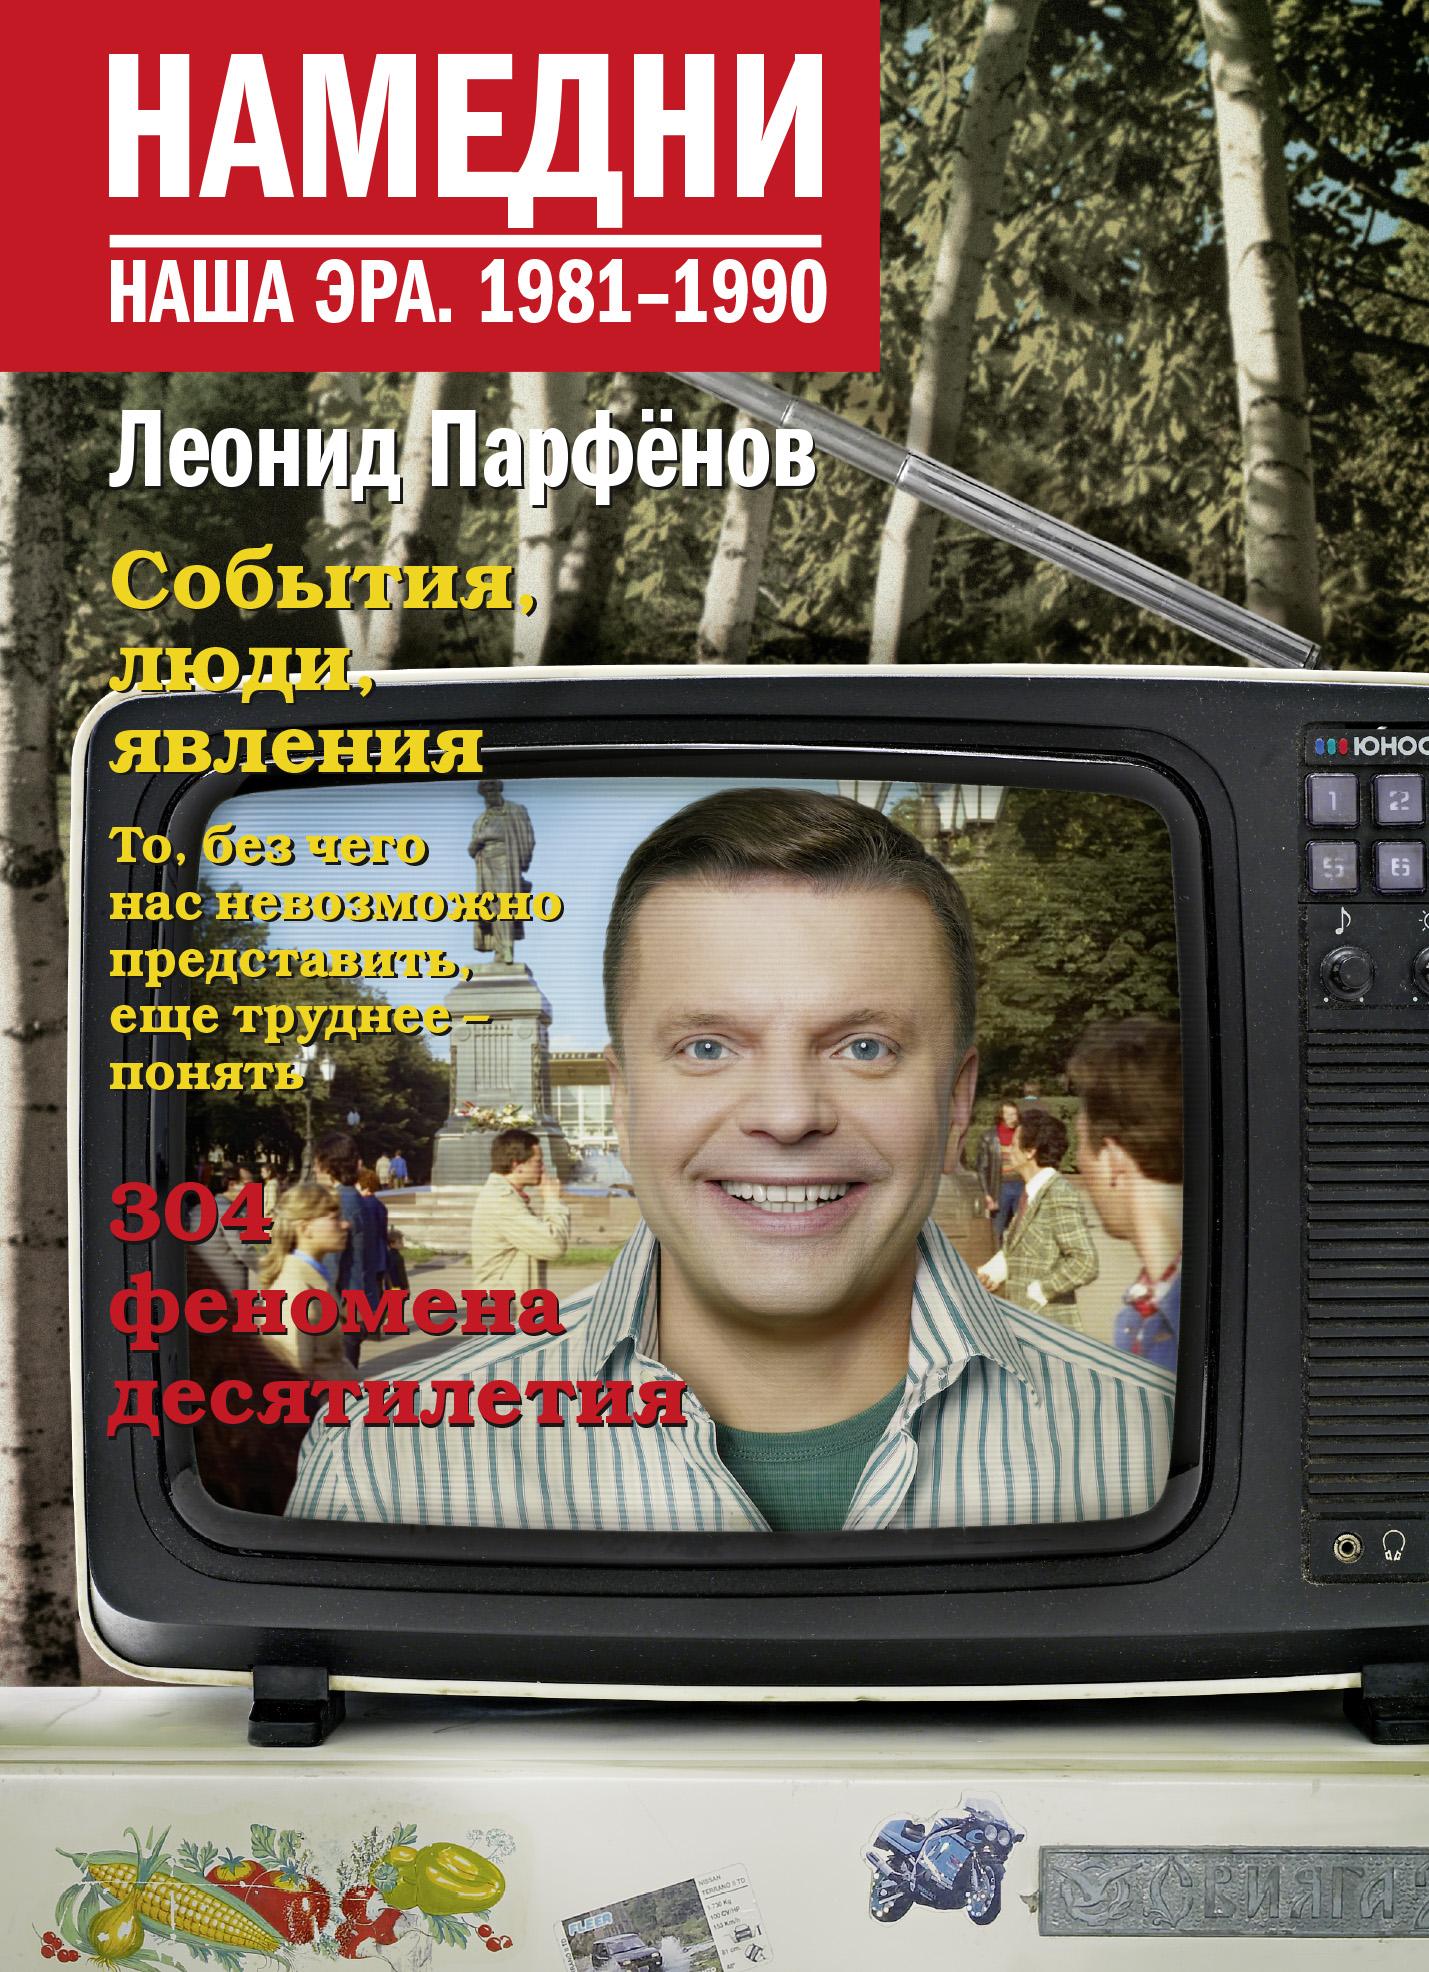 Леонид Парфенов Намедни. Наша эра. 1981-1990 парфенов л намедни наша эра 1931 1940